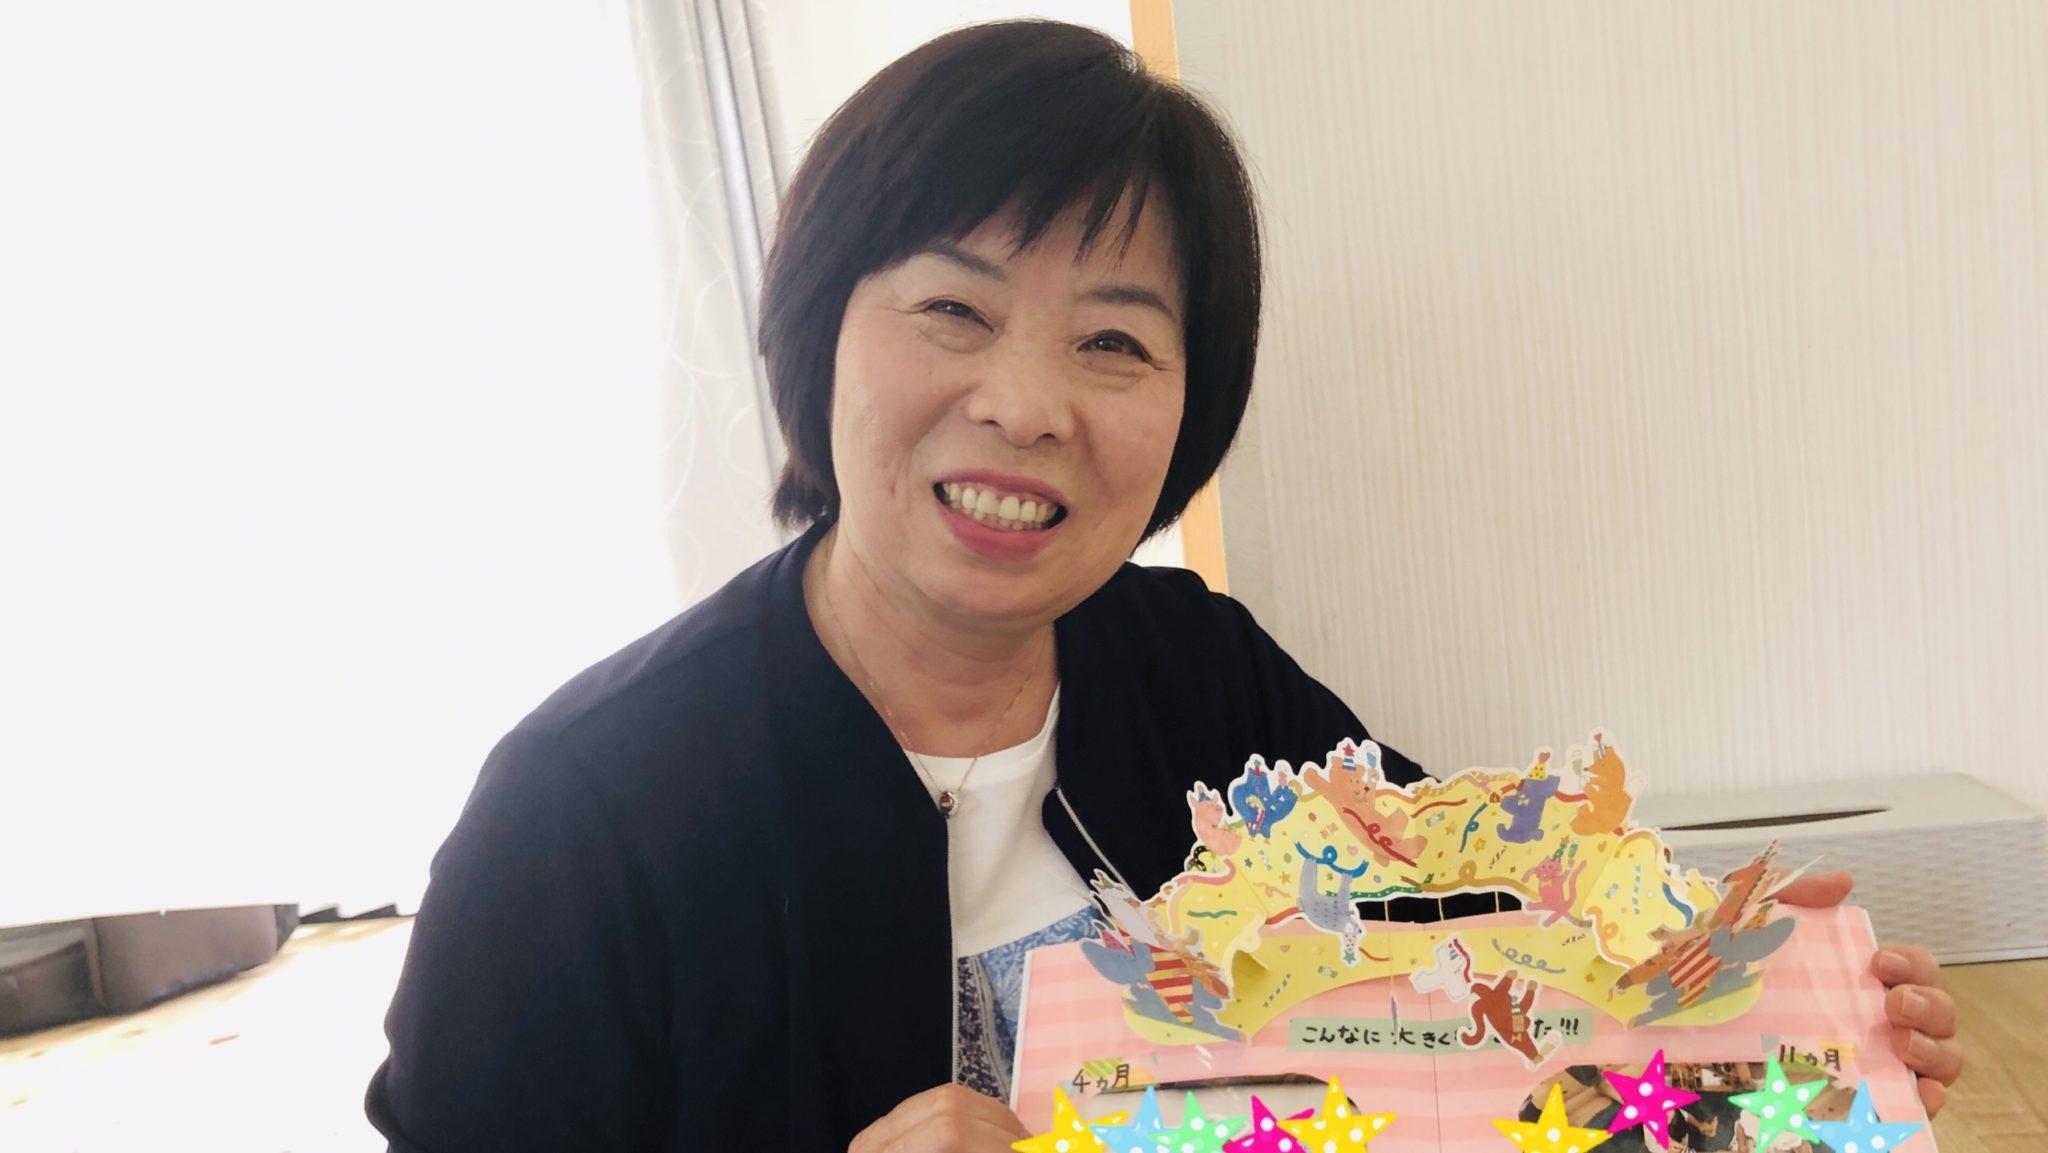 「ママたちと一緒に成長する助産院に」田中由子さんインタビュー